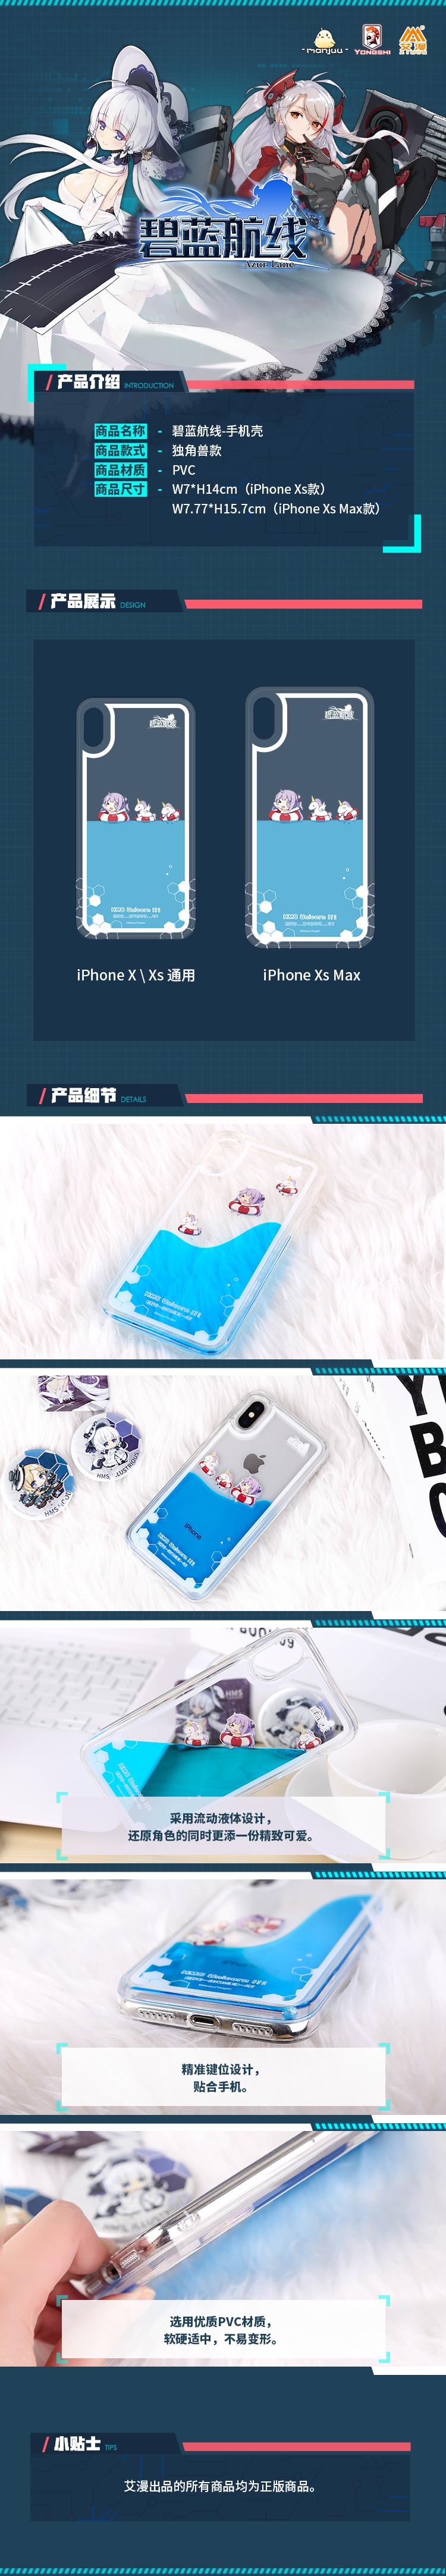 1539670309829碧蓝条图-手机壳-独角兽.jpg